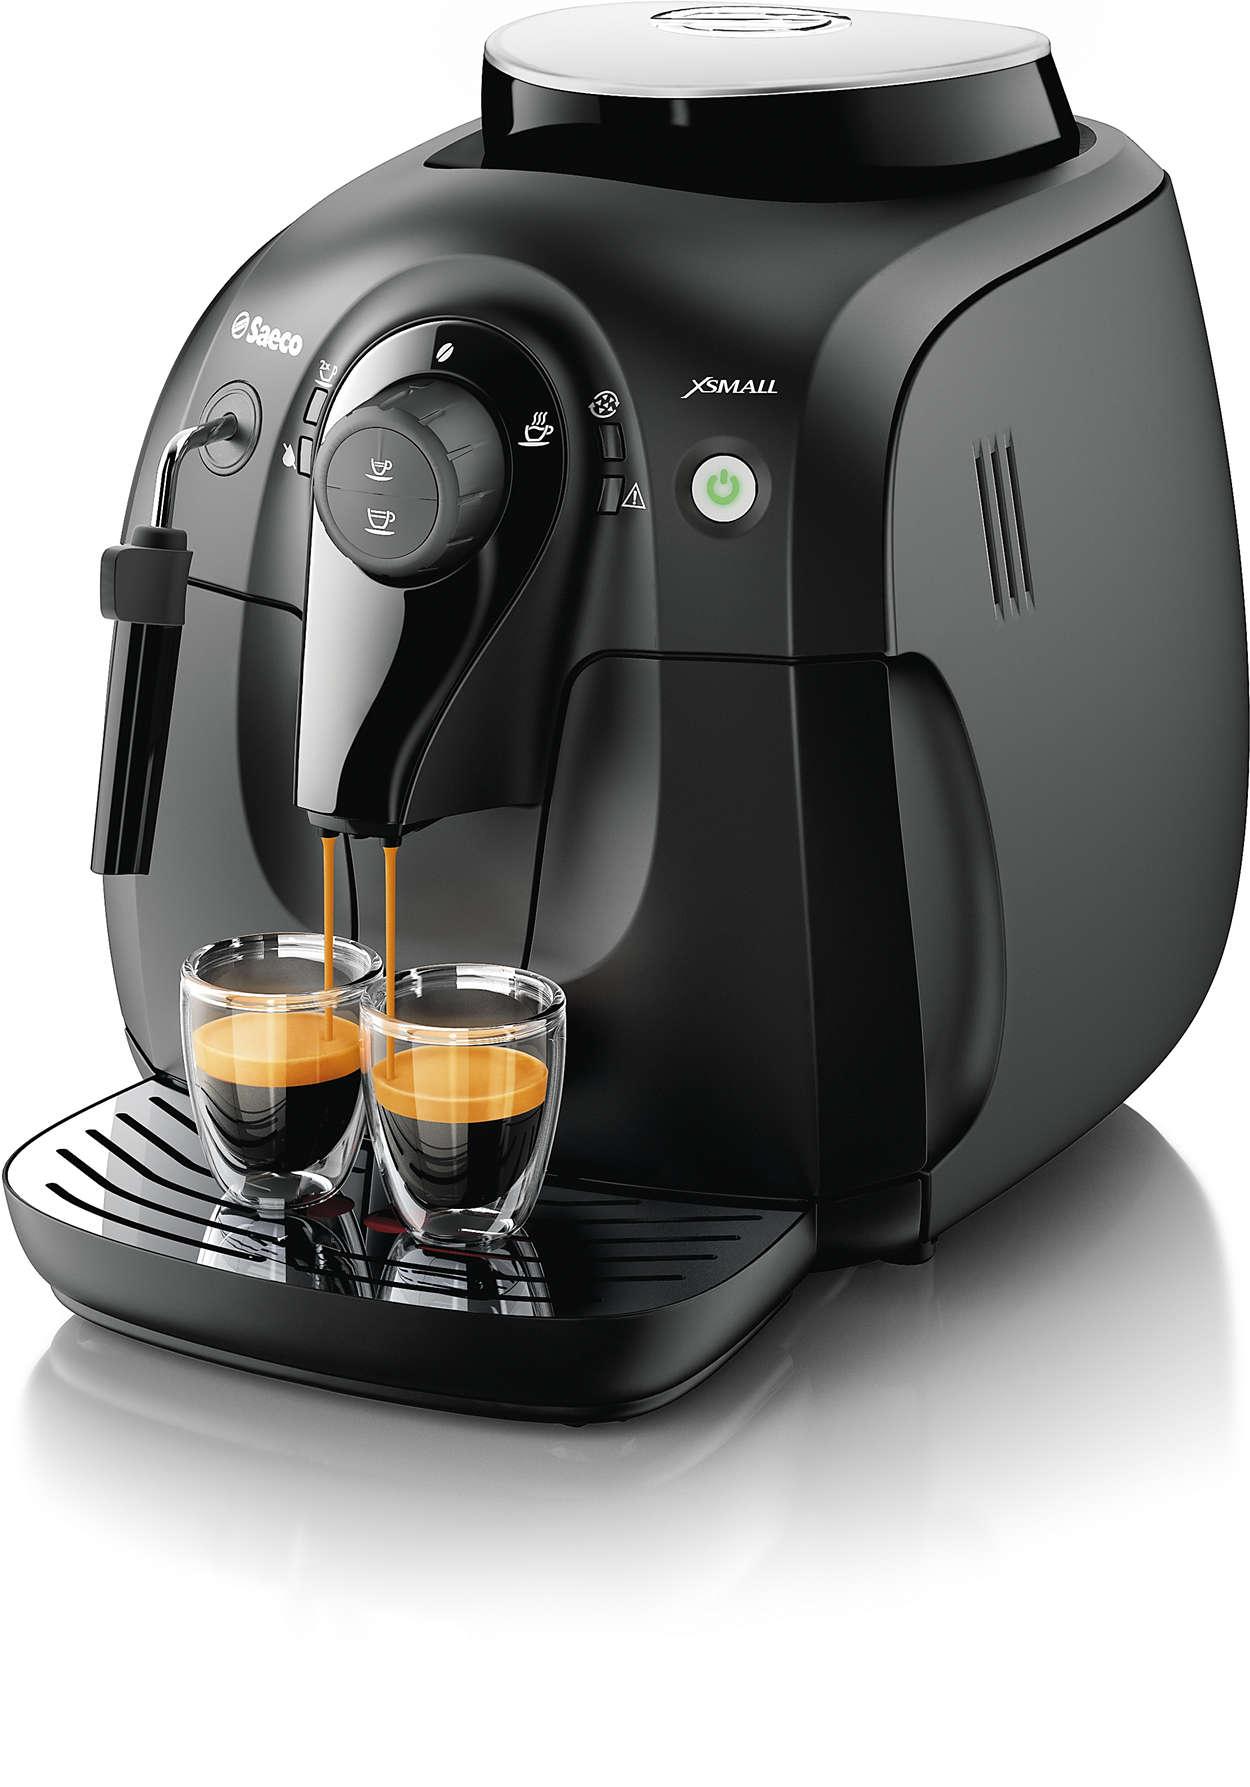 Pajuskite savo mėgstamiausių kavos pupelių aromatą